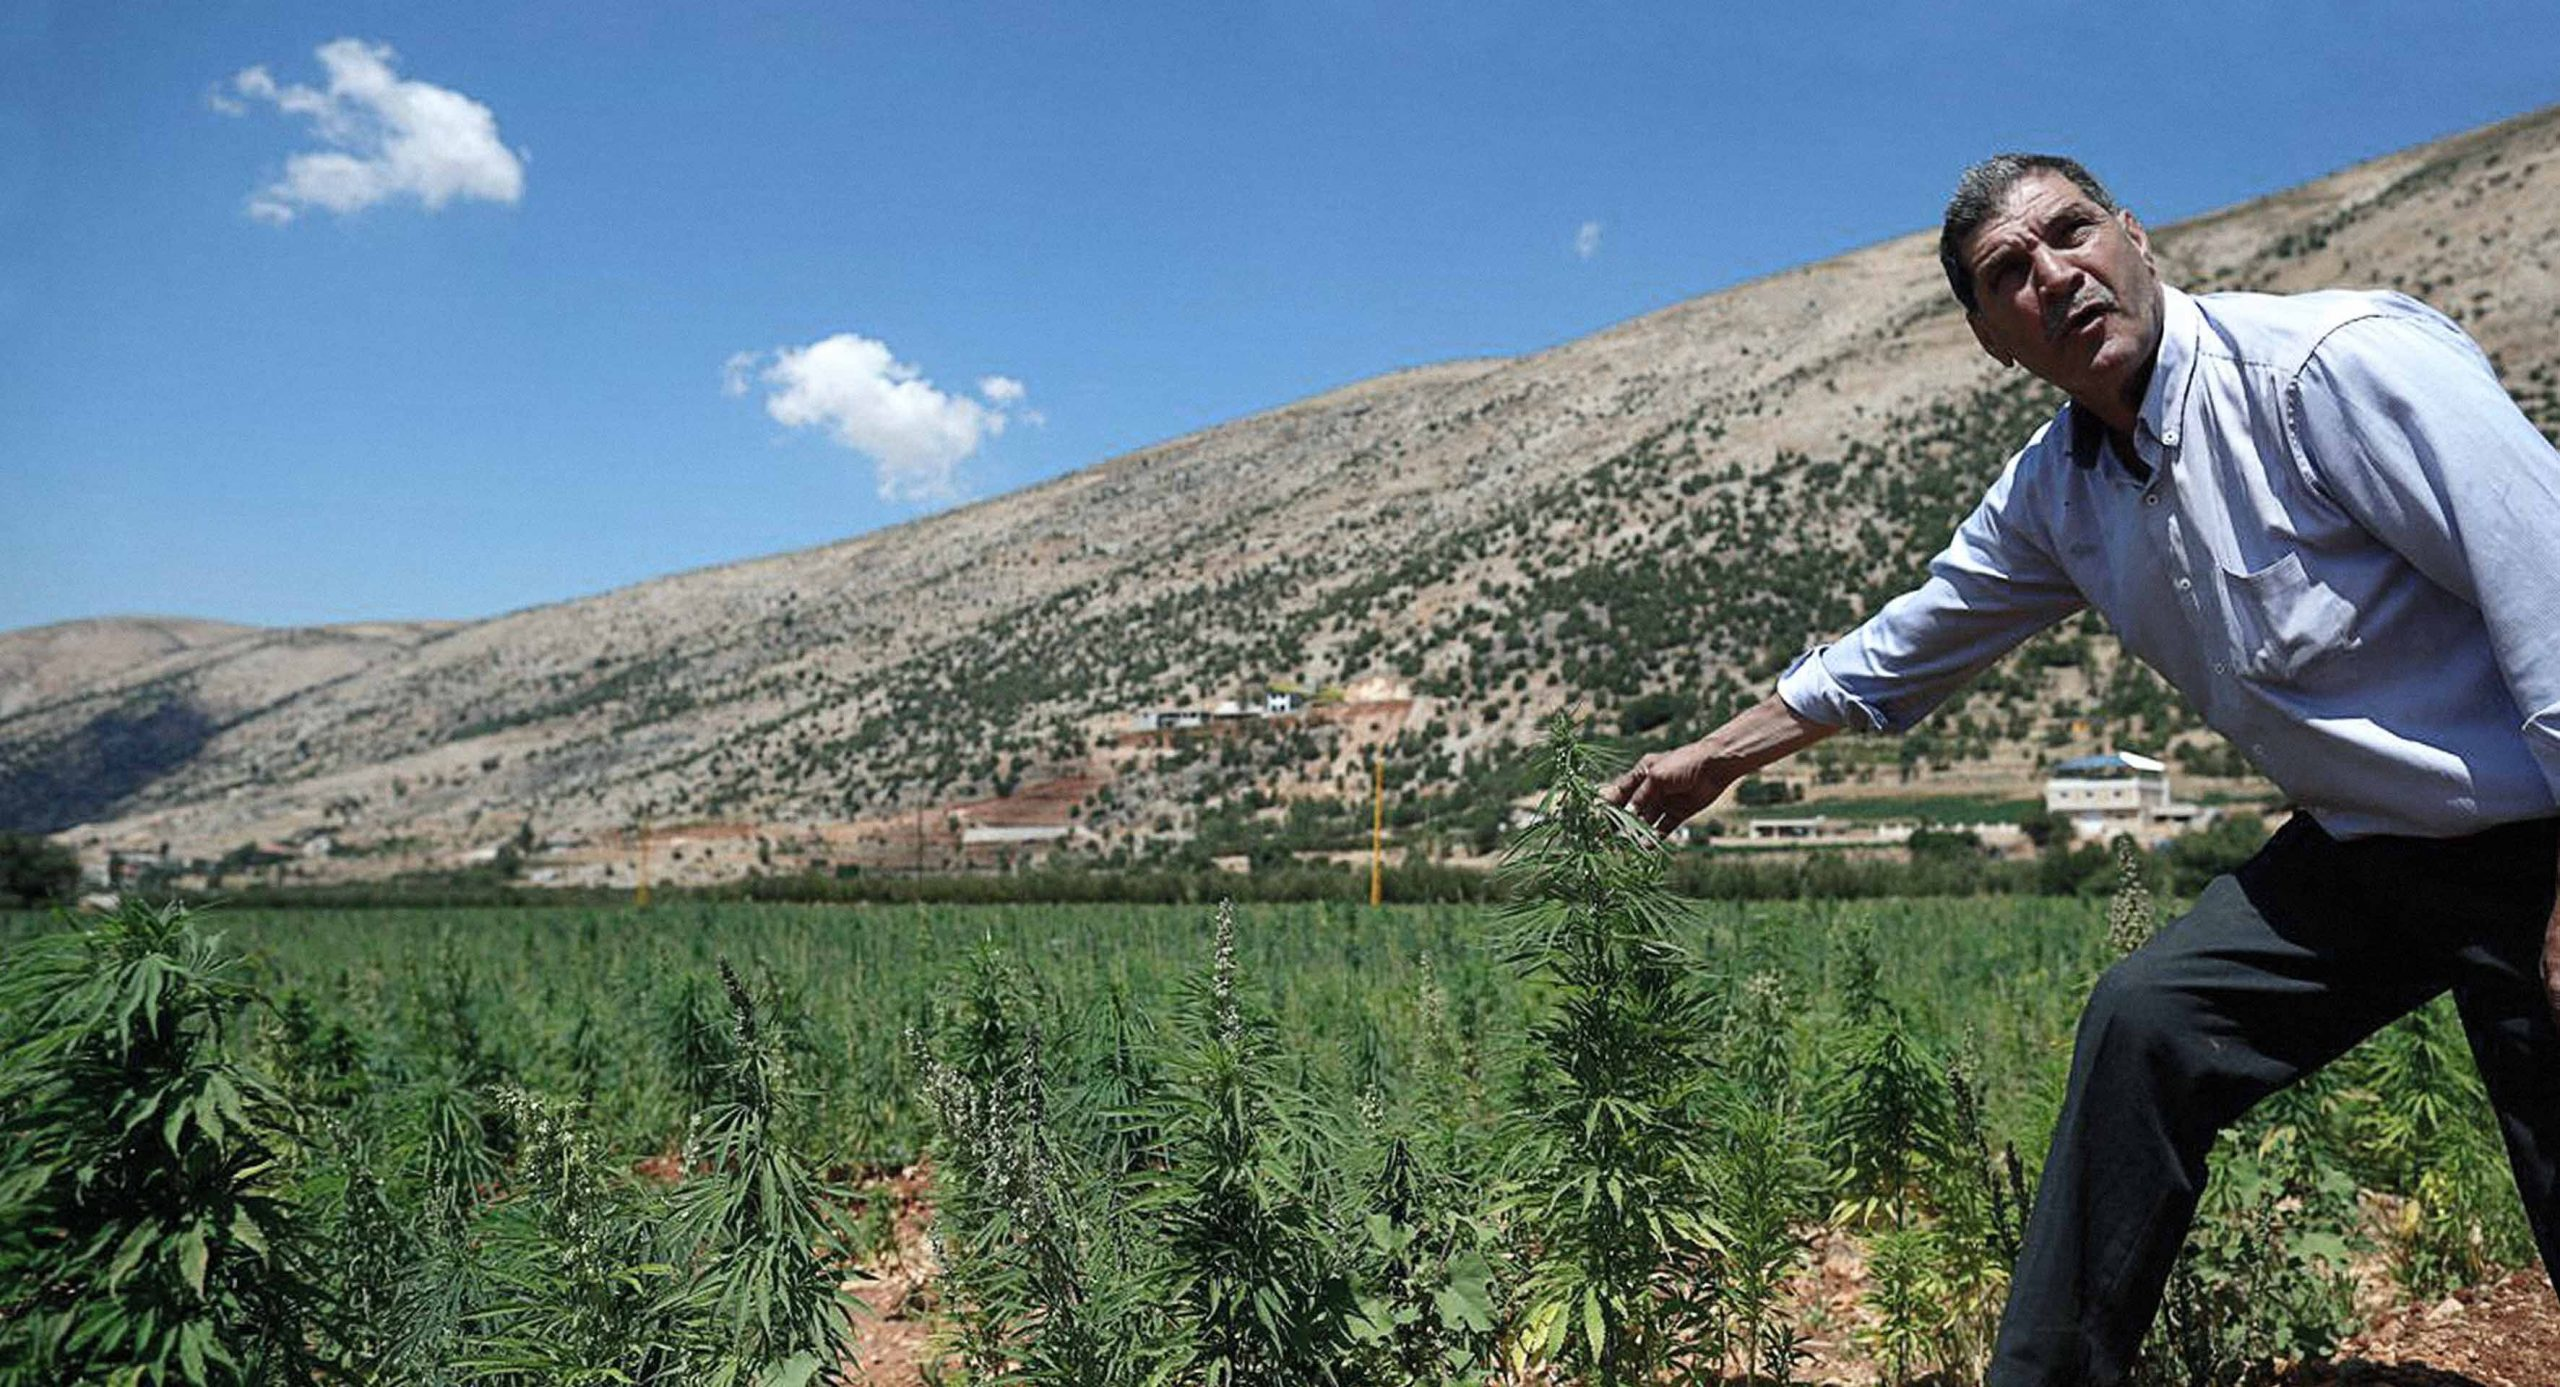 صورة مخاوف من انخفاض جودة الحشيش اللبناني بعد تدخُّل السلطة فيه